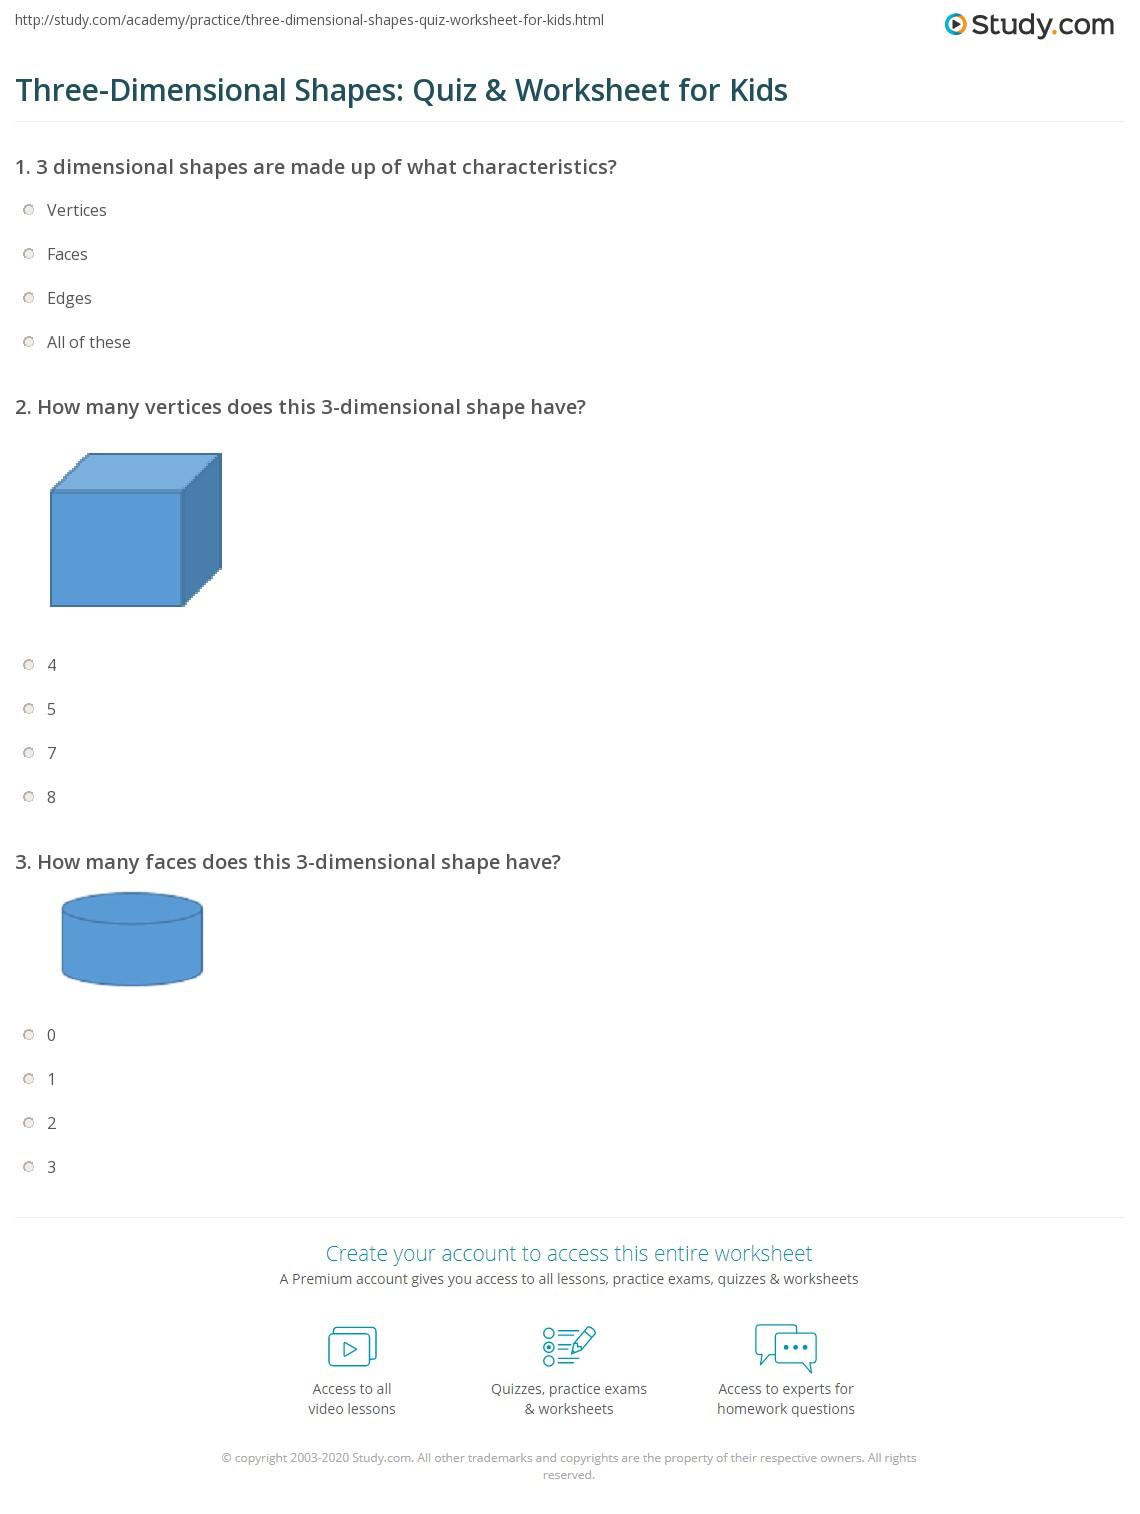 On 3 D Dimensional Shapes Worksheet